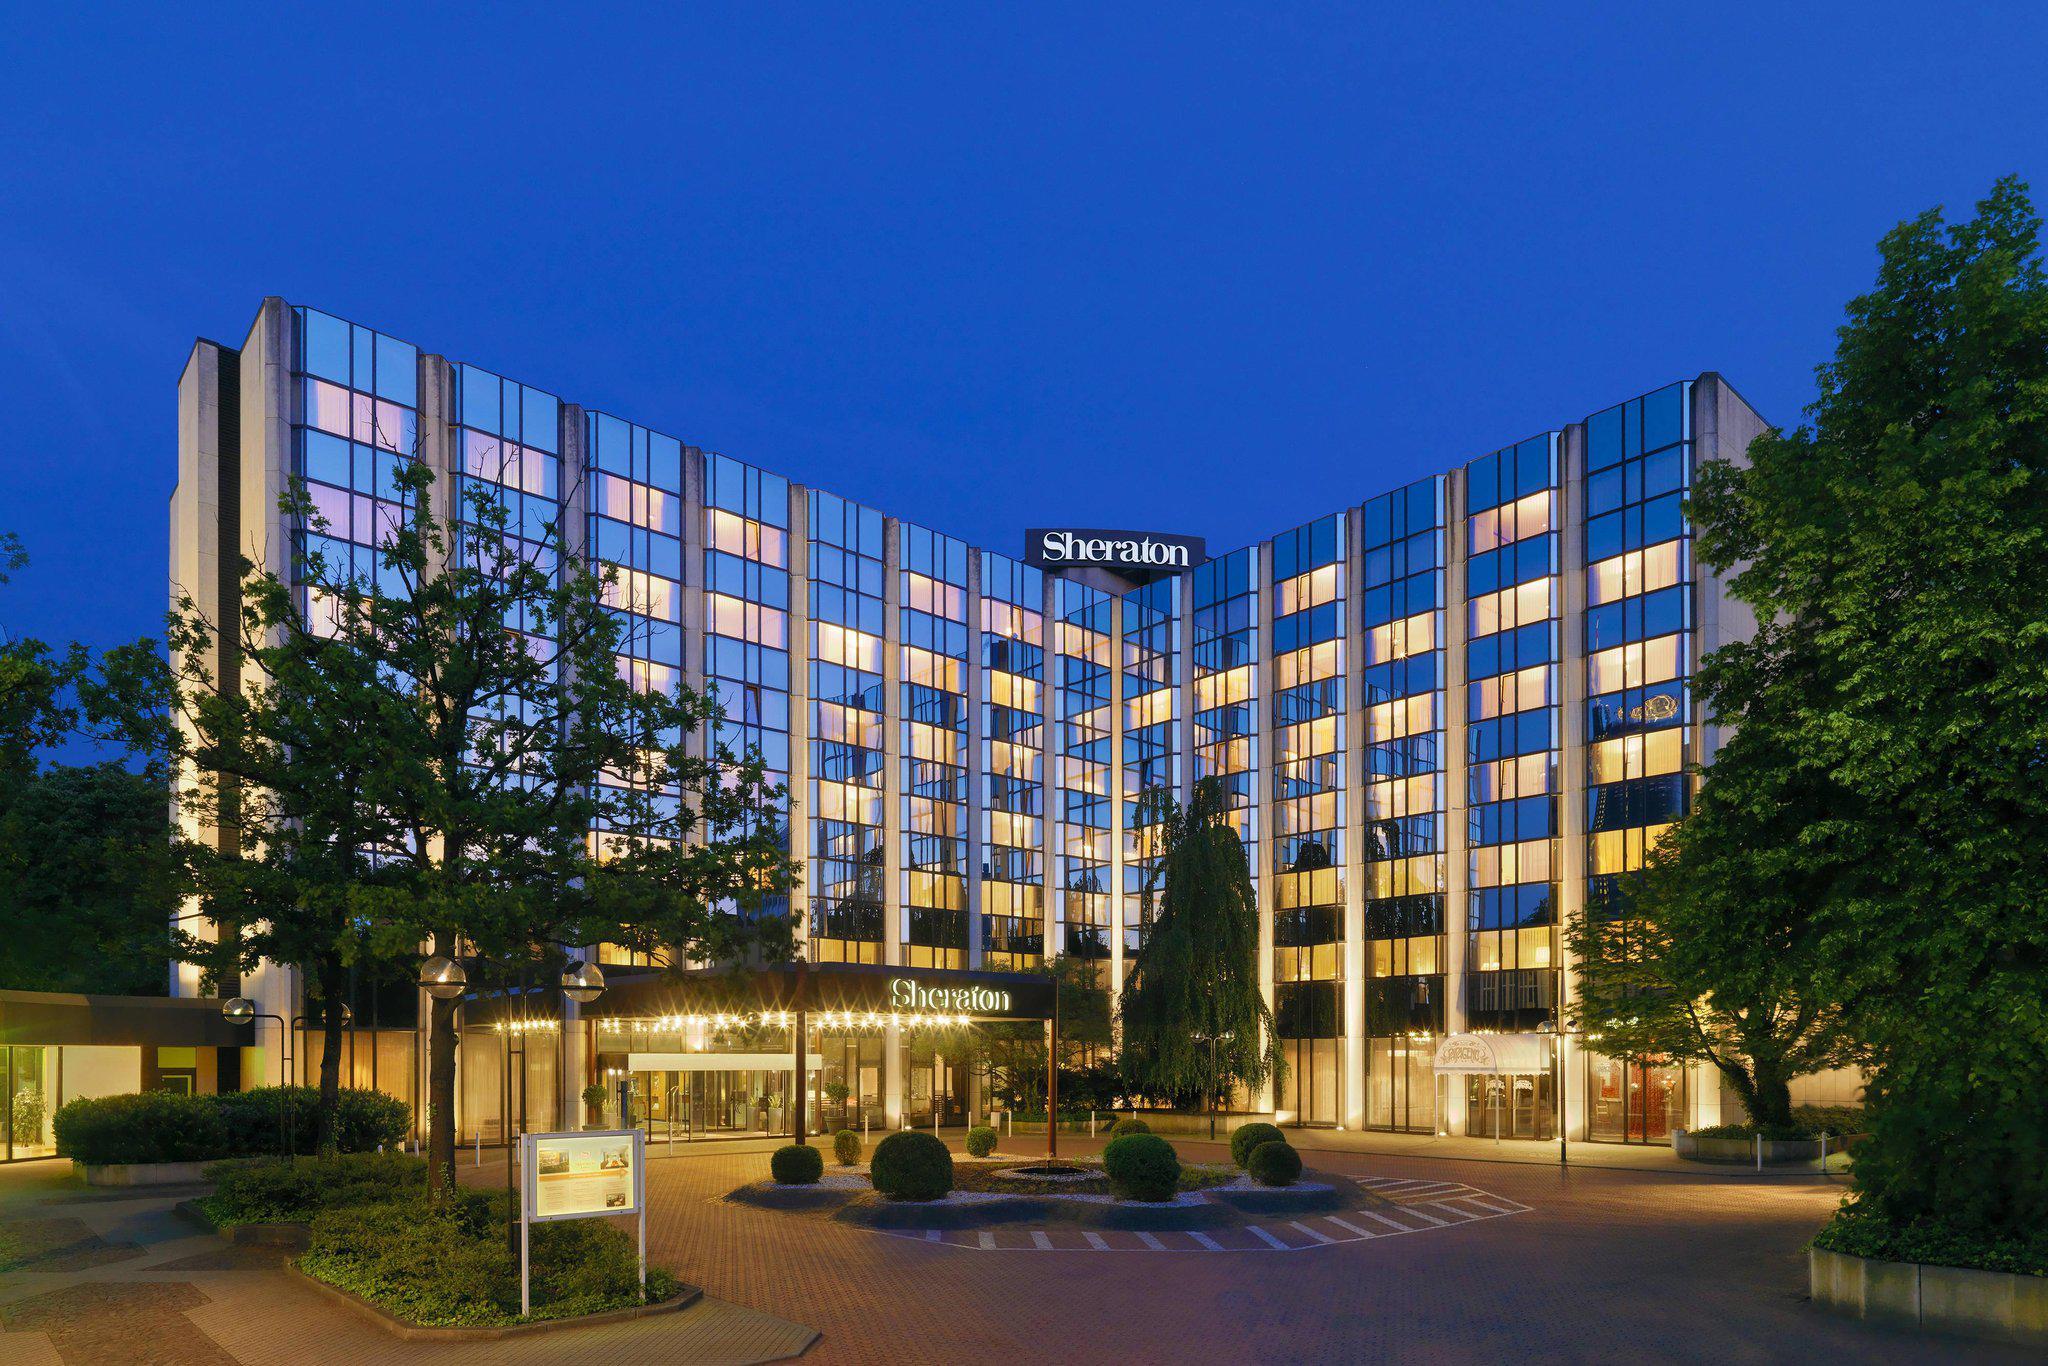 Sheraton Essen Hotel, Huyssenallee 55 in Essen